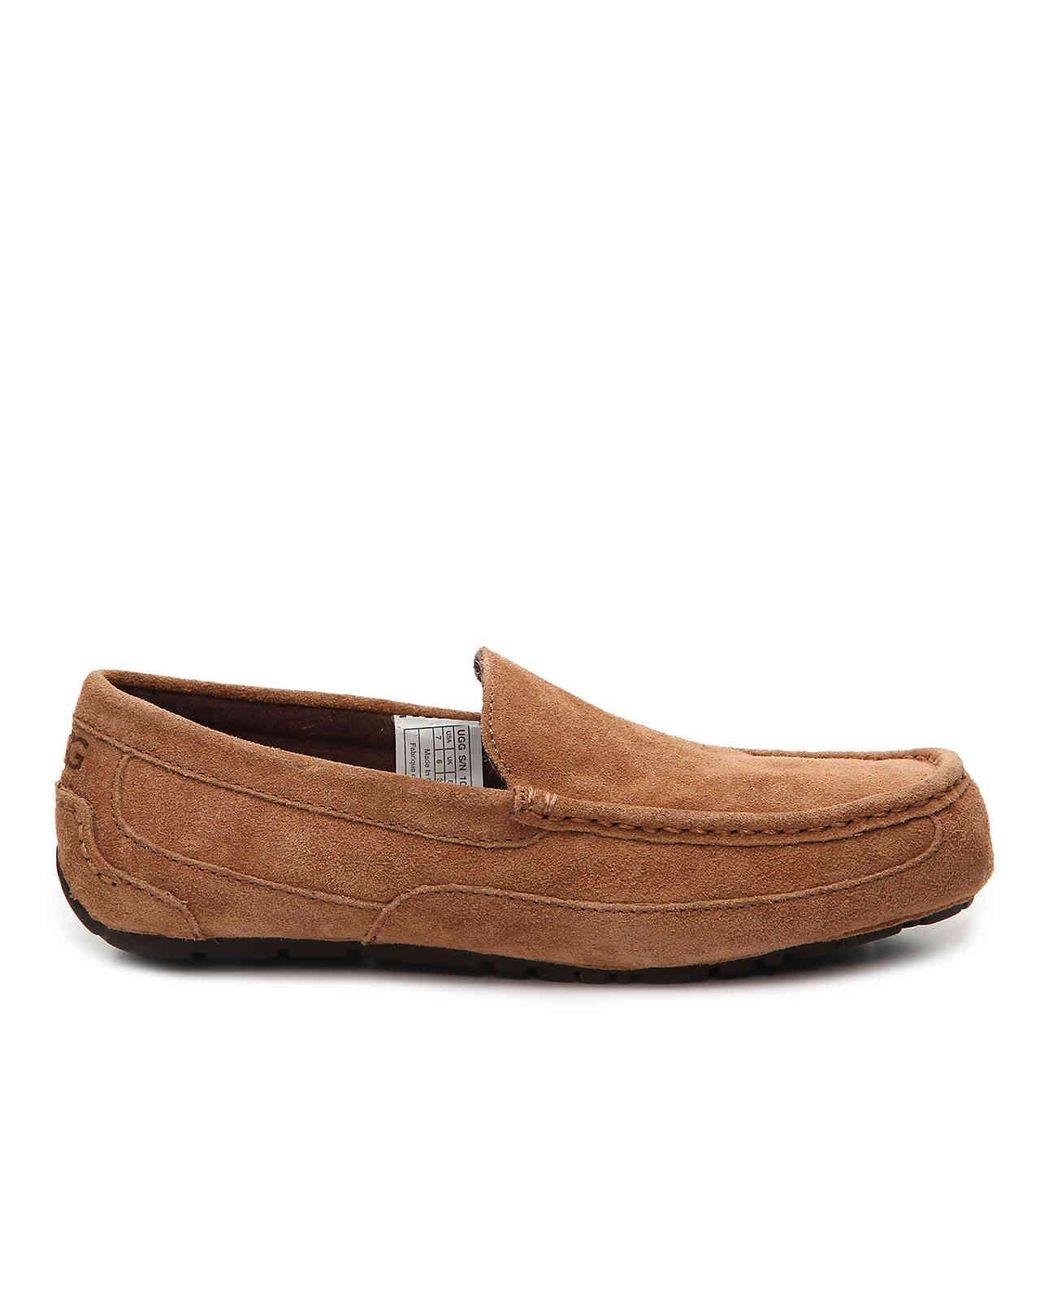 571e94a49a6 Men's Brown Alder Loafer